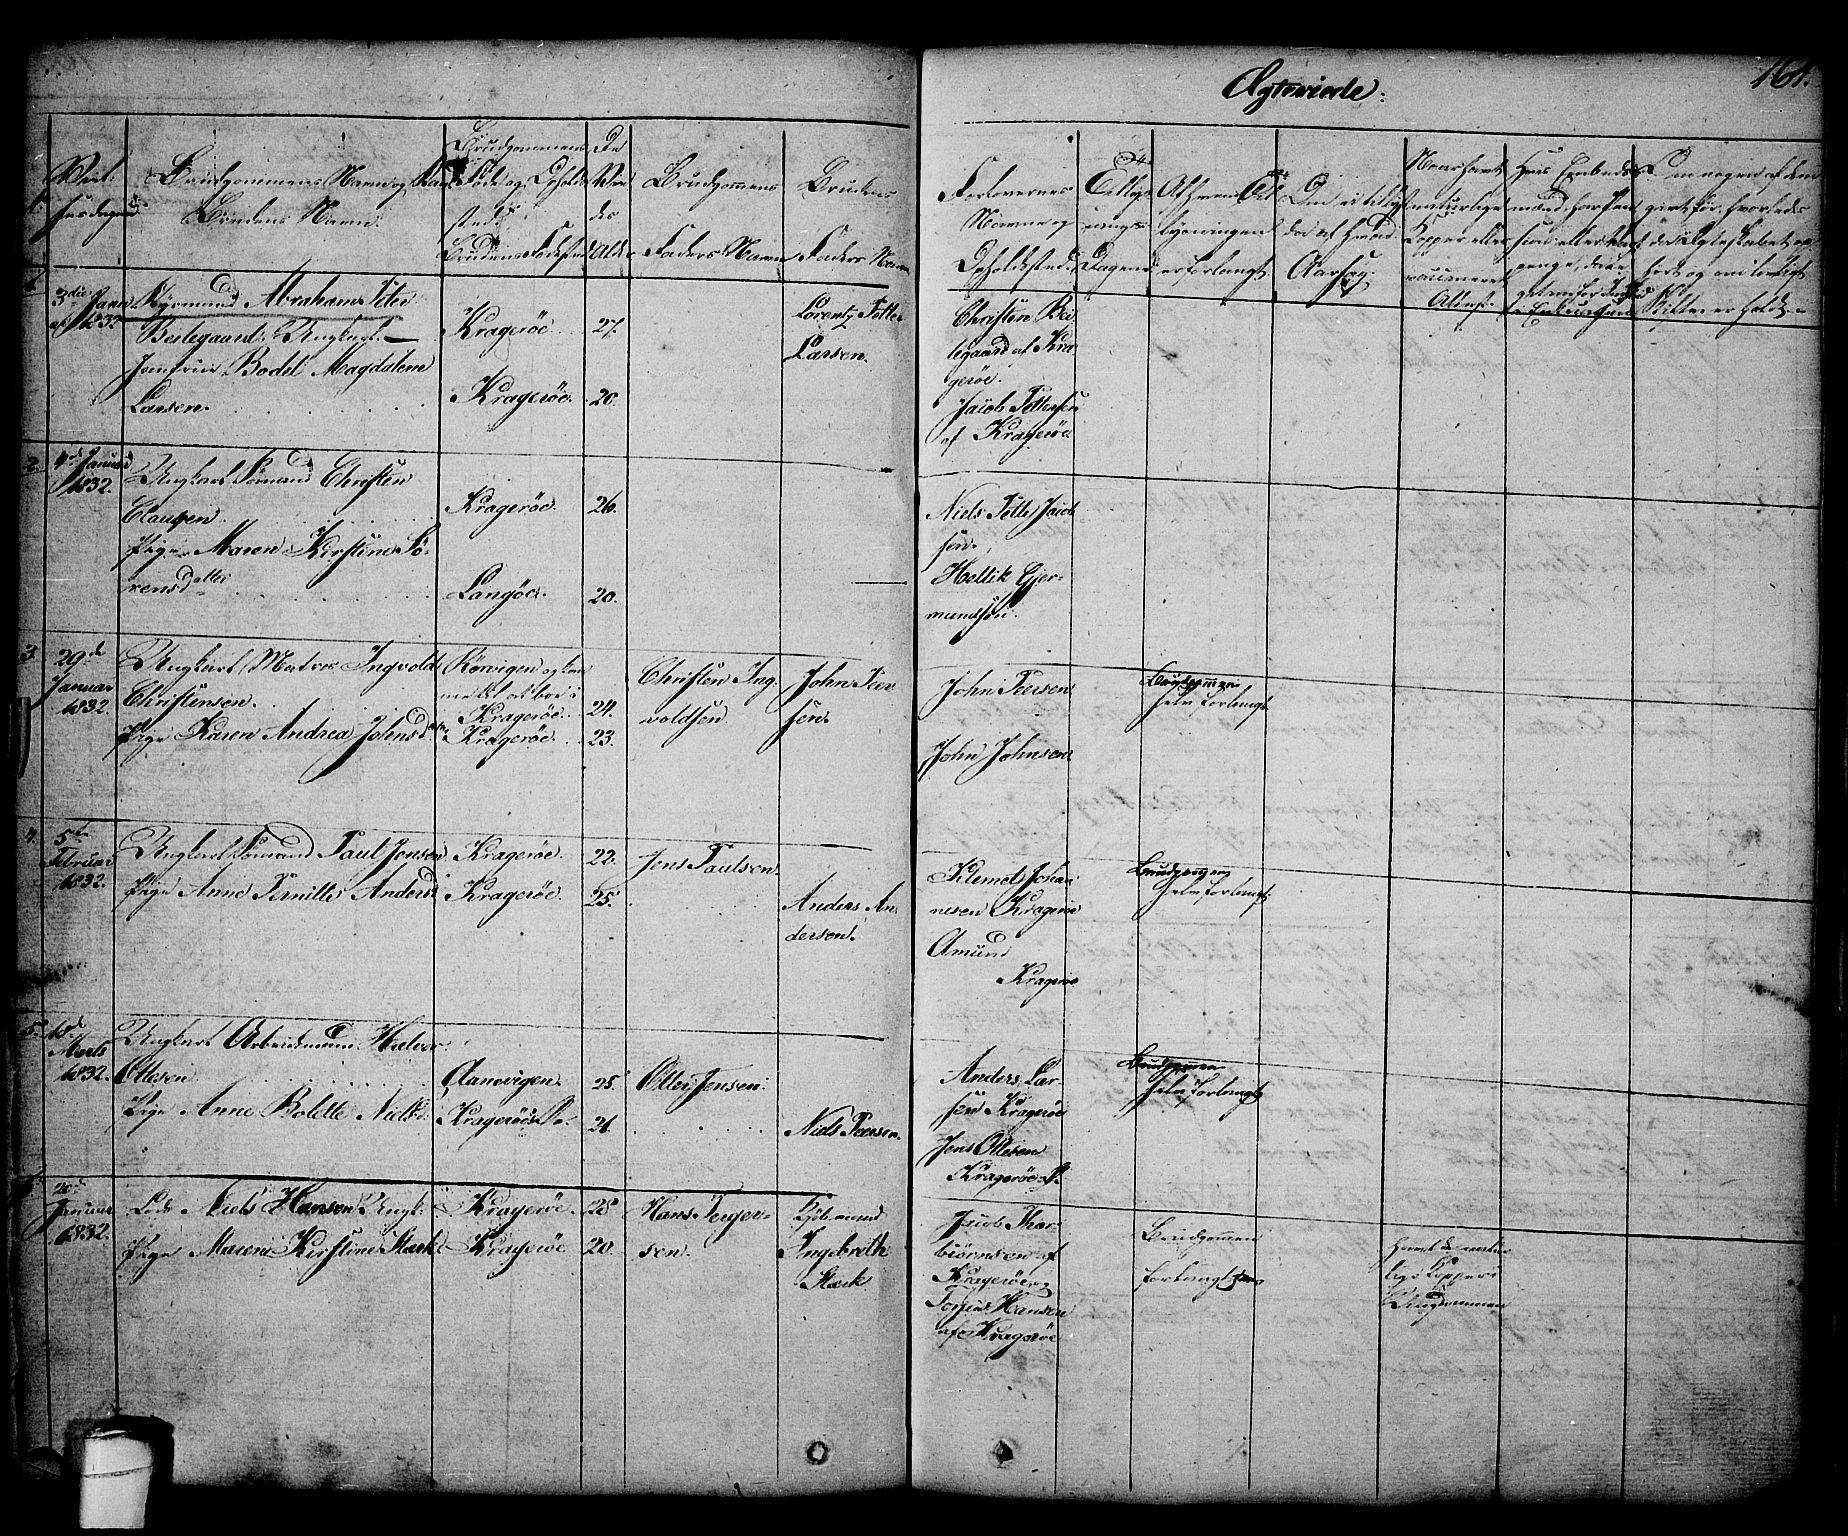 SAKO, Kragerø kirkebøker, G/Ga/L0003: Klokkerbok nr. 3, 1832-1852, s. 164